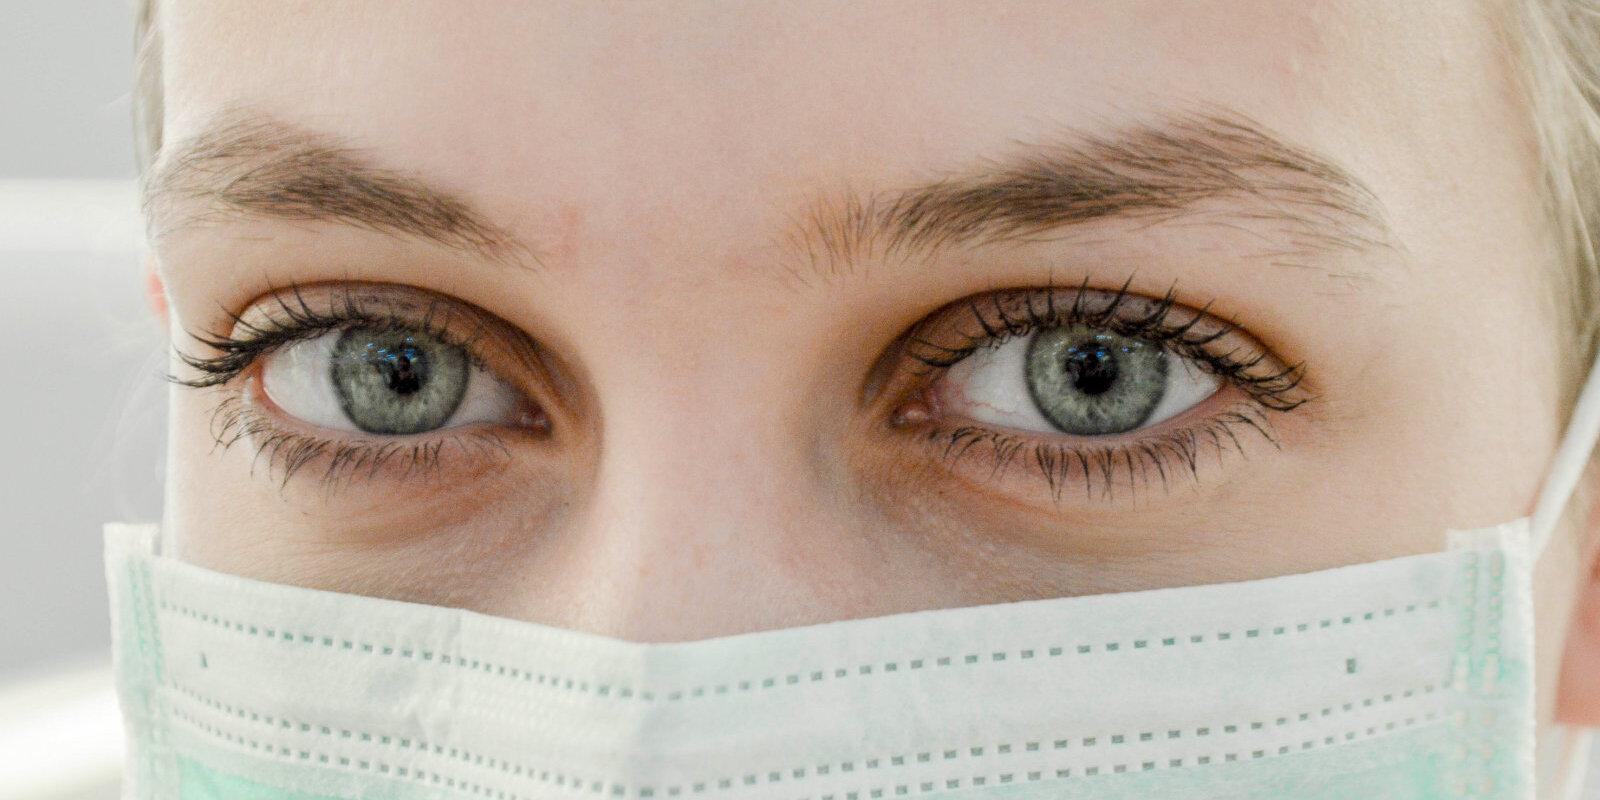 Рост зарплат ниже обещанного. Сколько зарабатывают латвийские врачи?